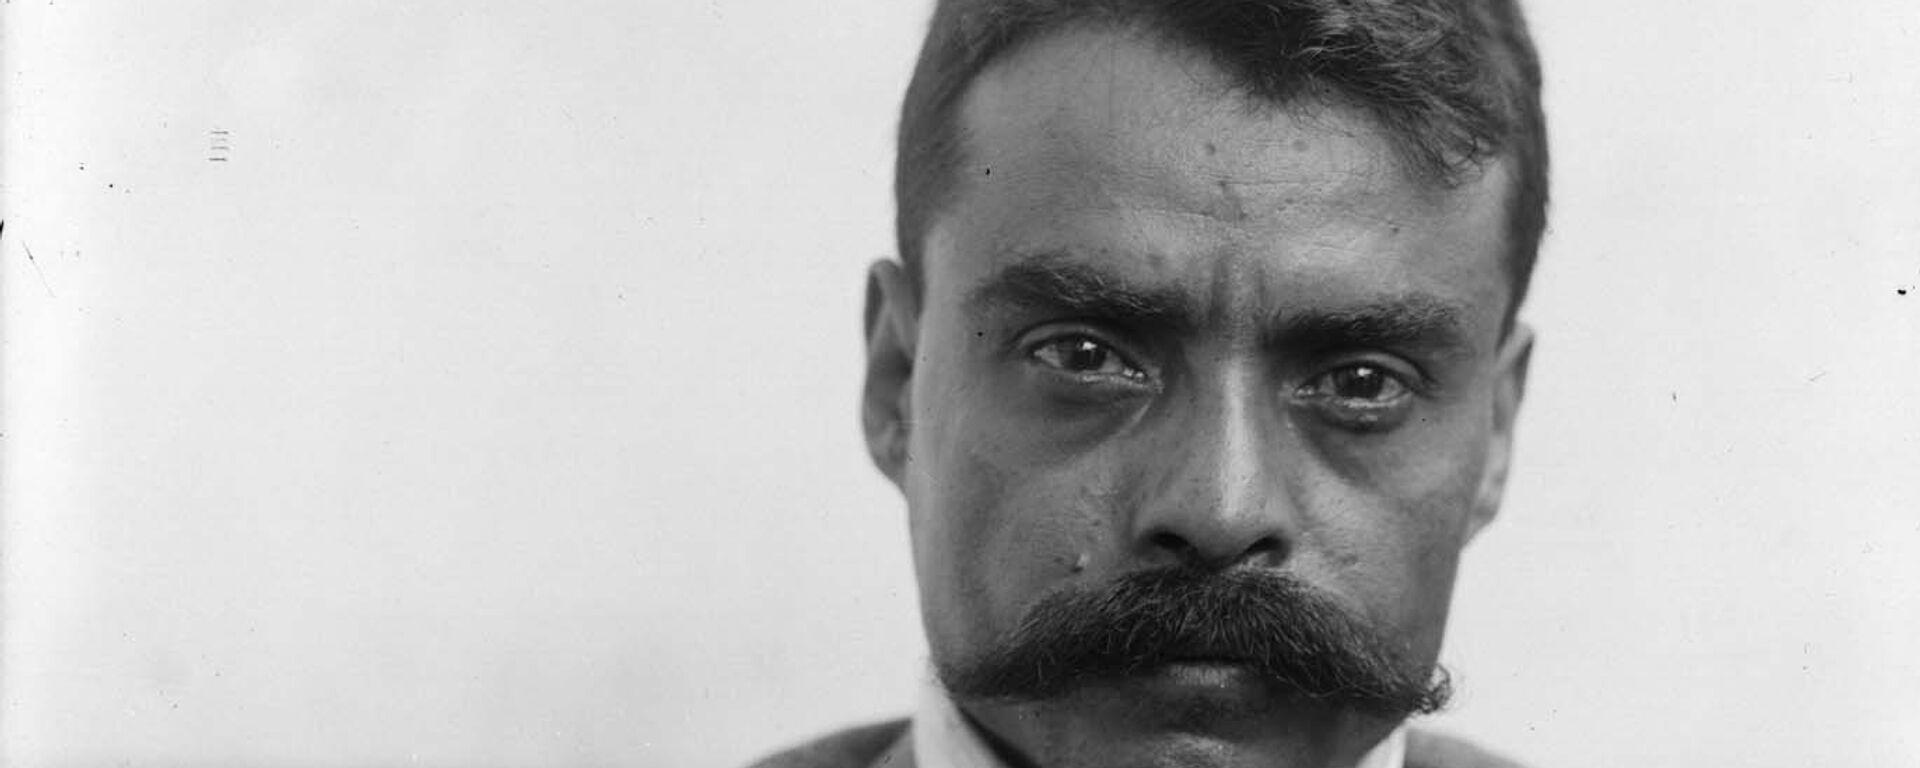 El líder revolucionario mexicano Emiliano Zapata en 1914 - Sputnik Mundo, 1920, 30.04.2021